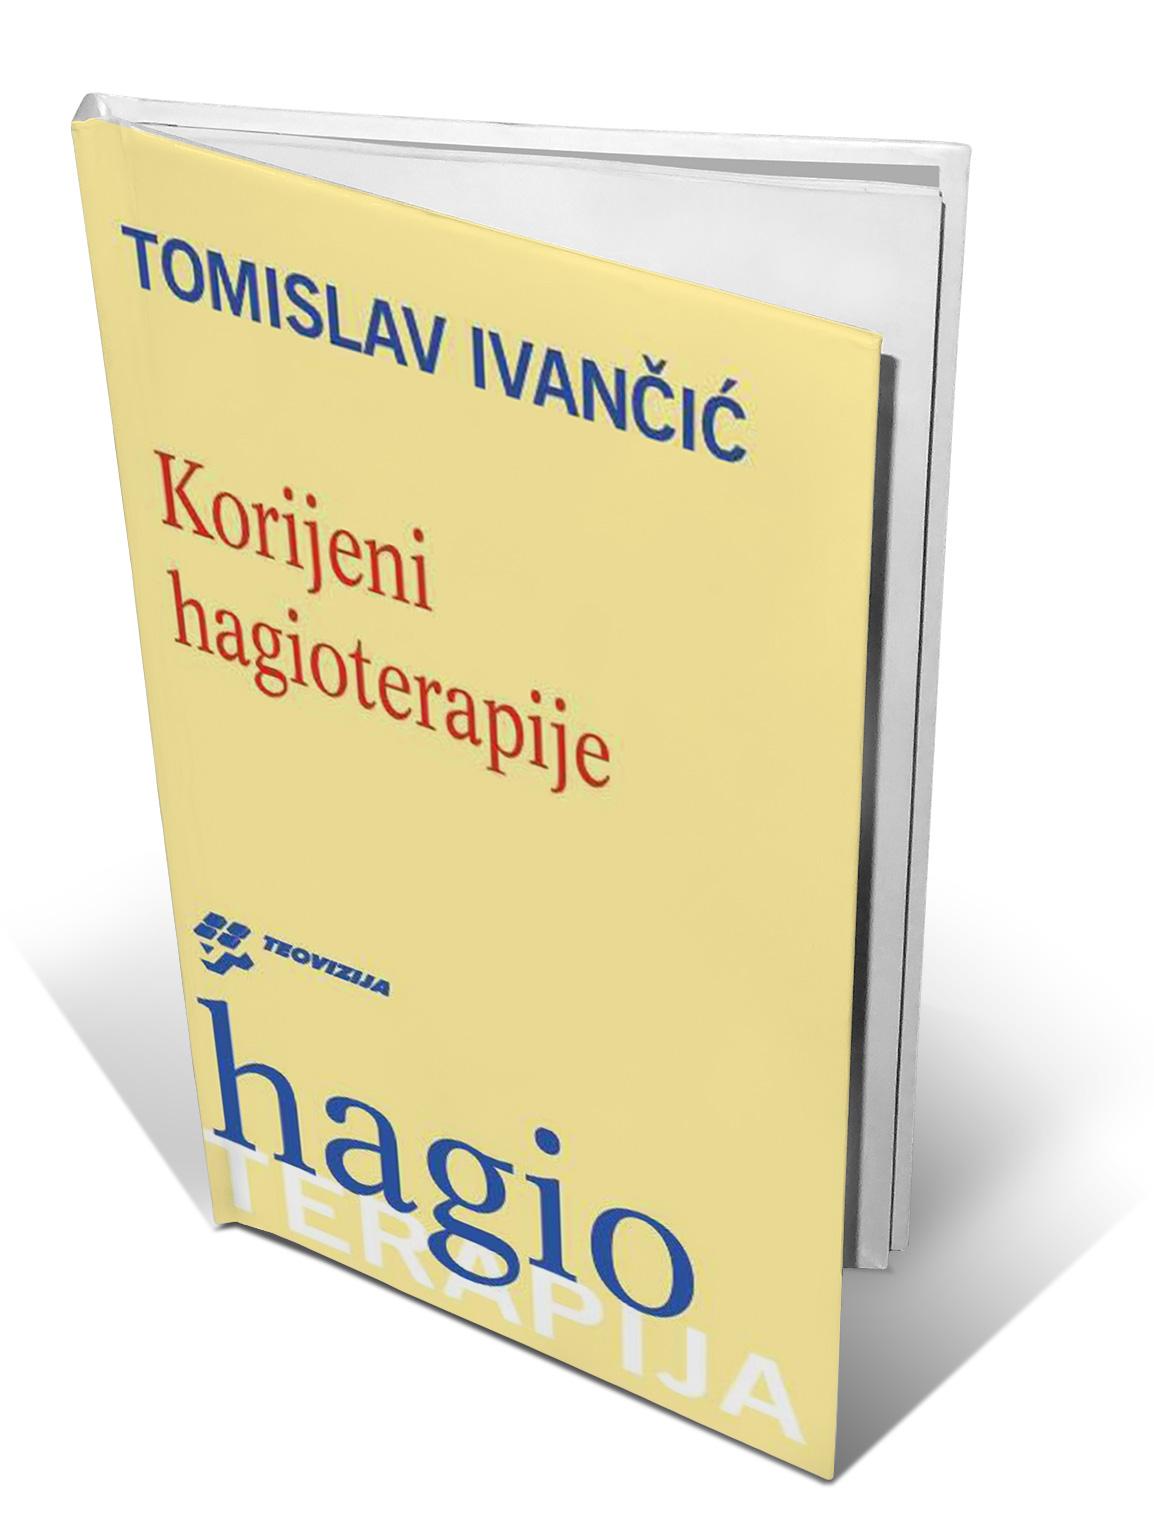 KORJENI HAGIOTERAPIJE - Tomislav Ivančić